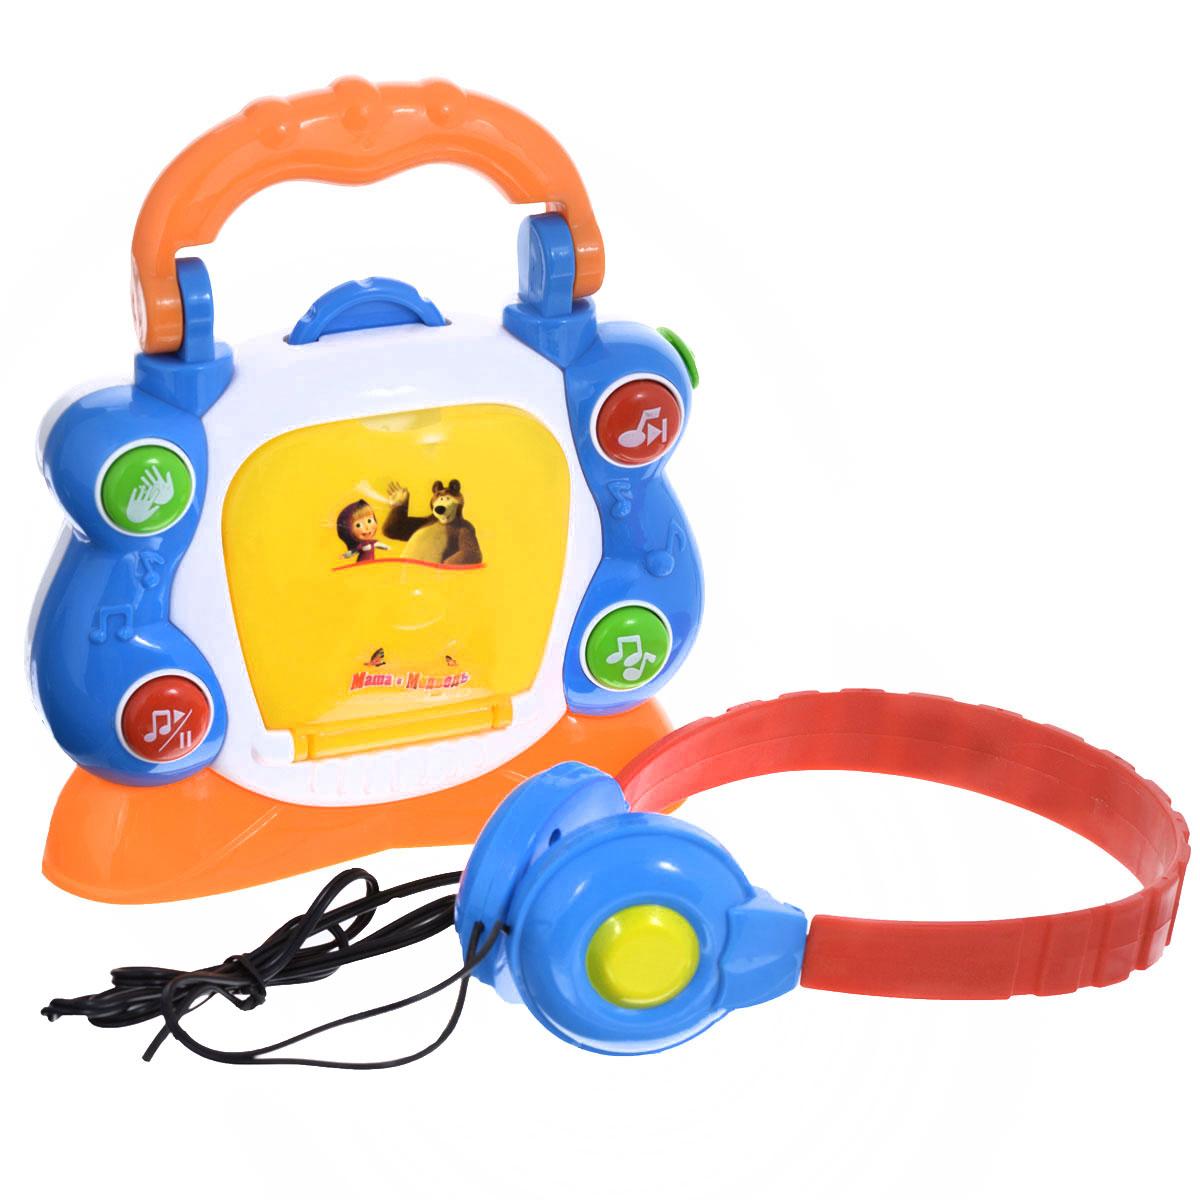 Музыкальная игрушка Играем вместе Электронный CD-плеер